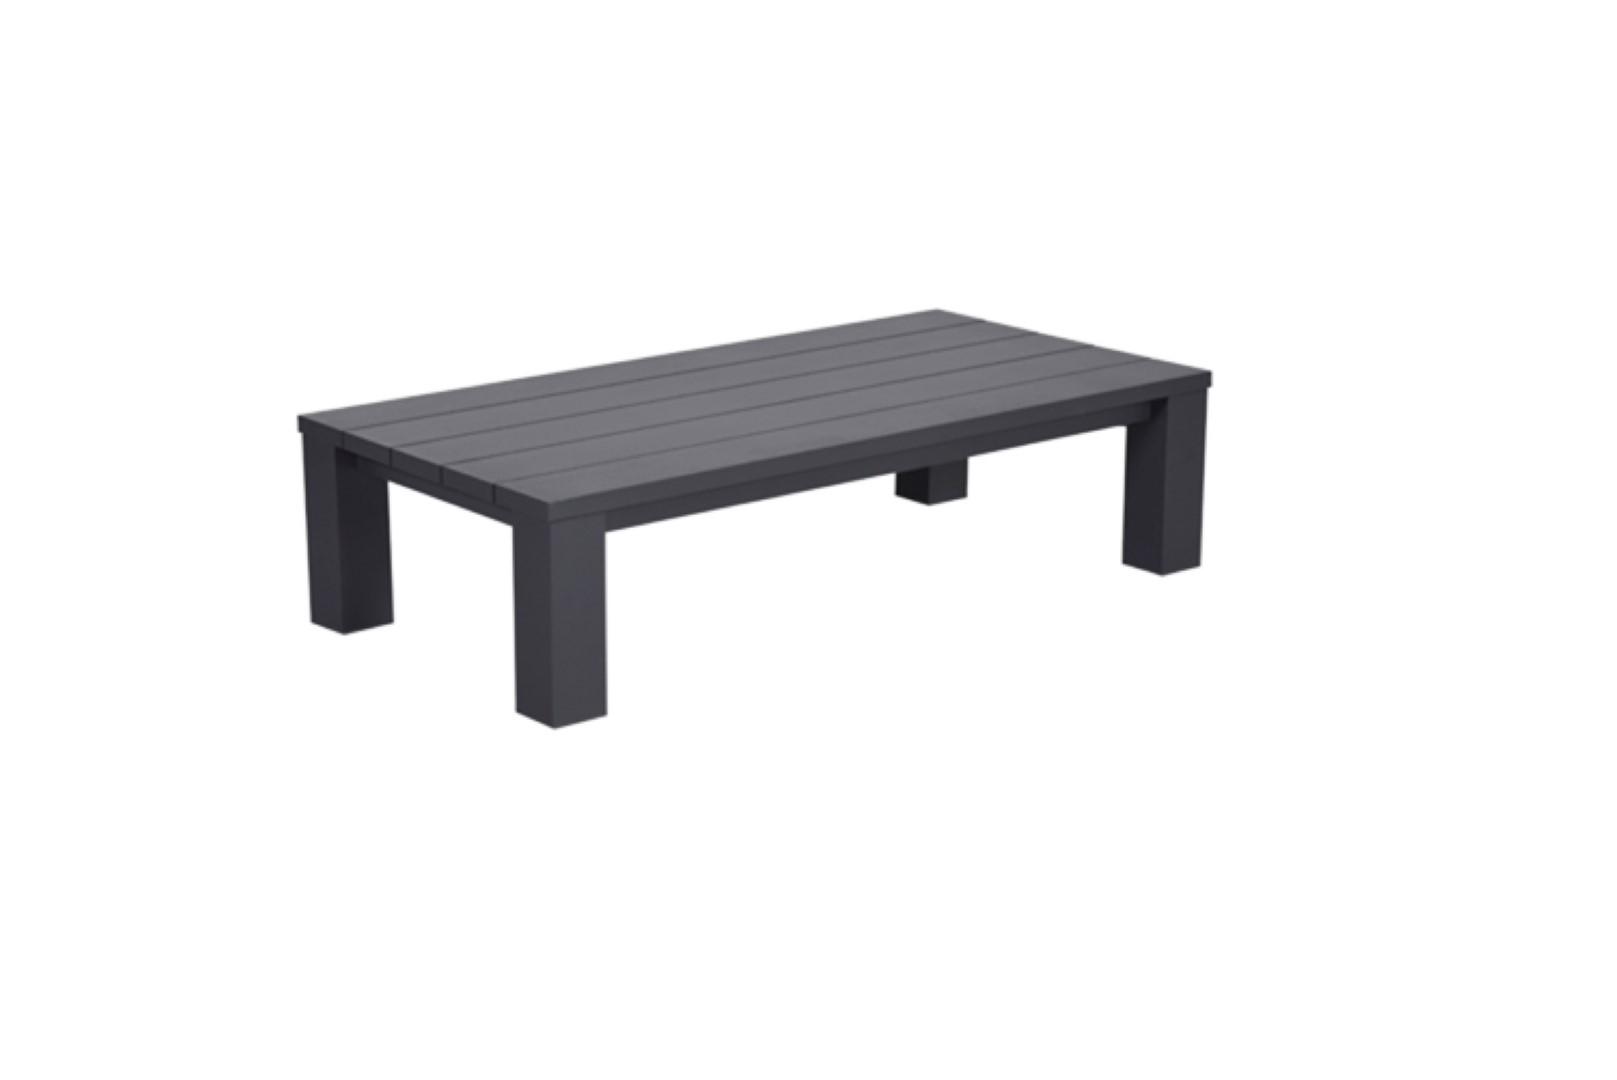 Cube lounge tafel 140x70xH40 cm carbon black